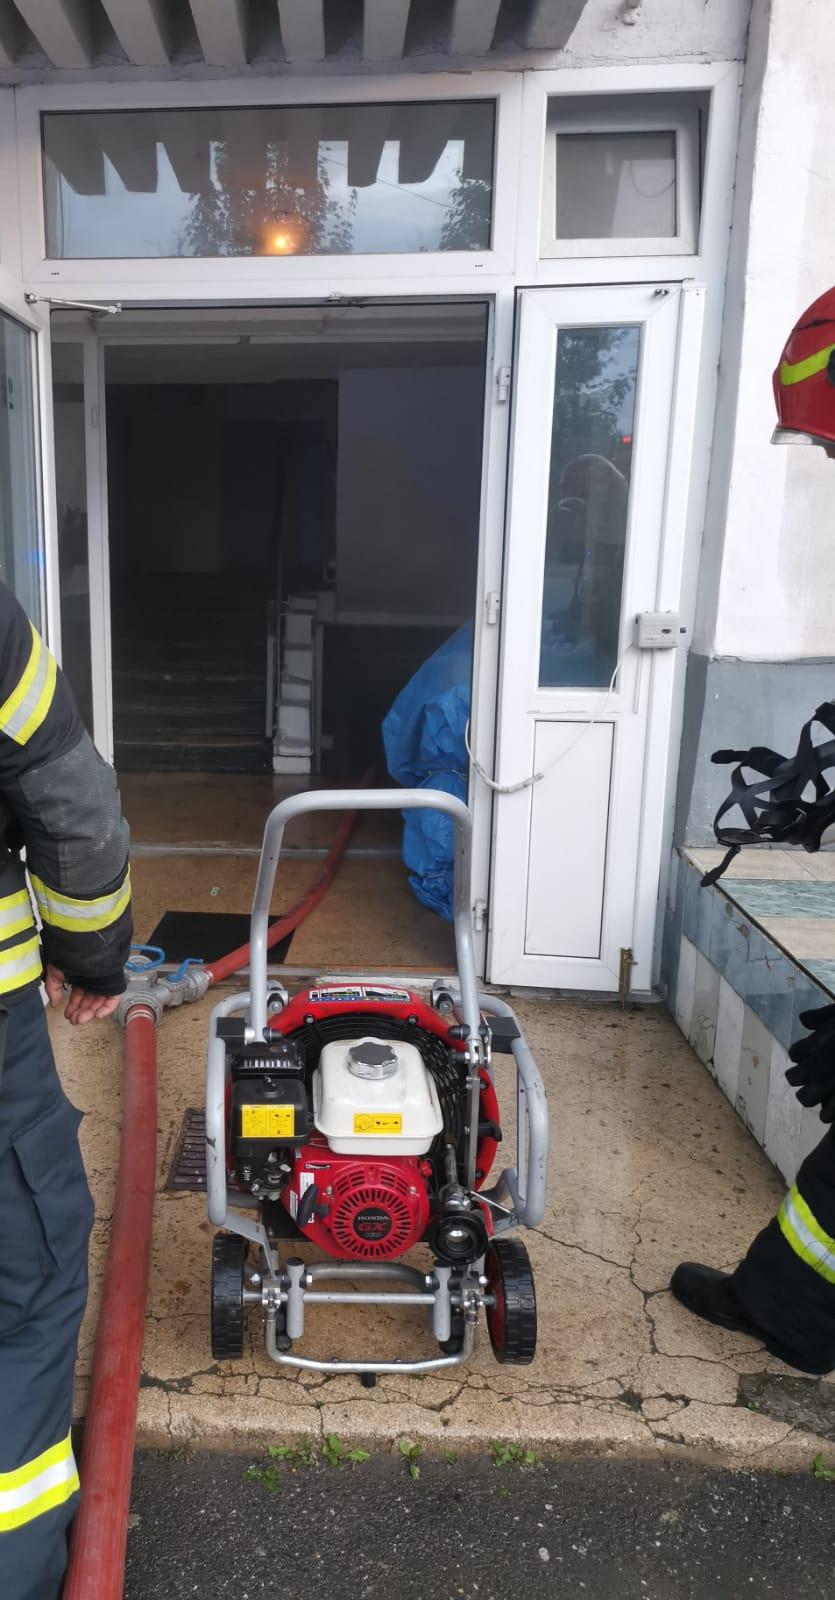 Incendiu la Făgăraș pornit de la o narghilea fumată în beci.  Sărbătorirea întoarcerii din străinătate s-a soldat cu moartea unui bărbat de 33 de ani